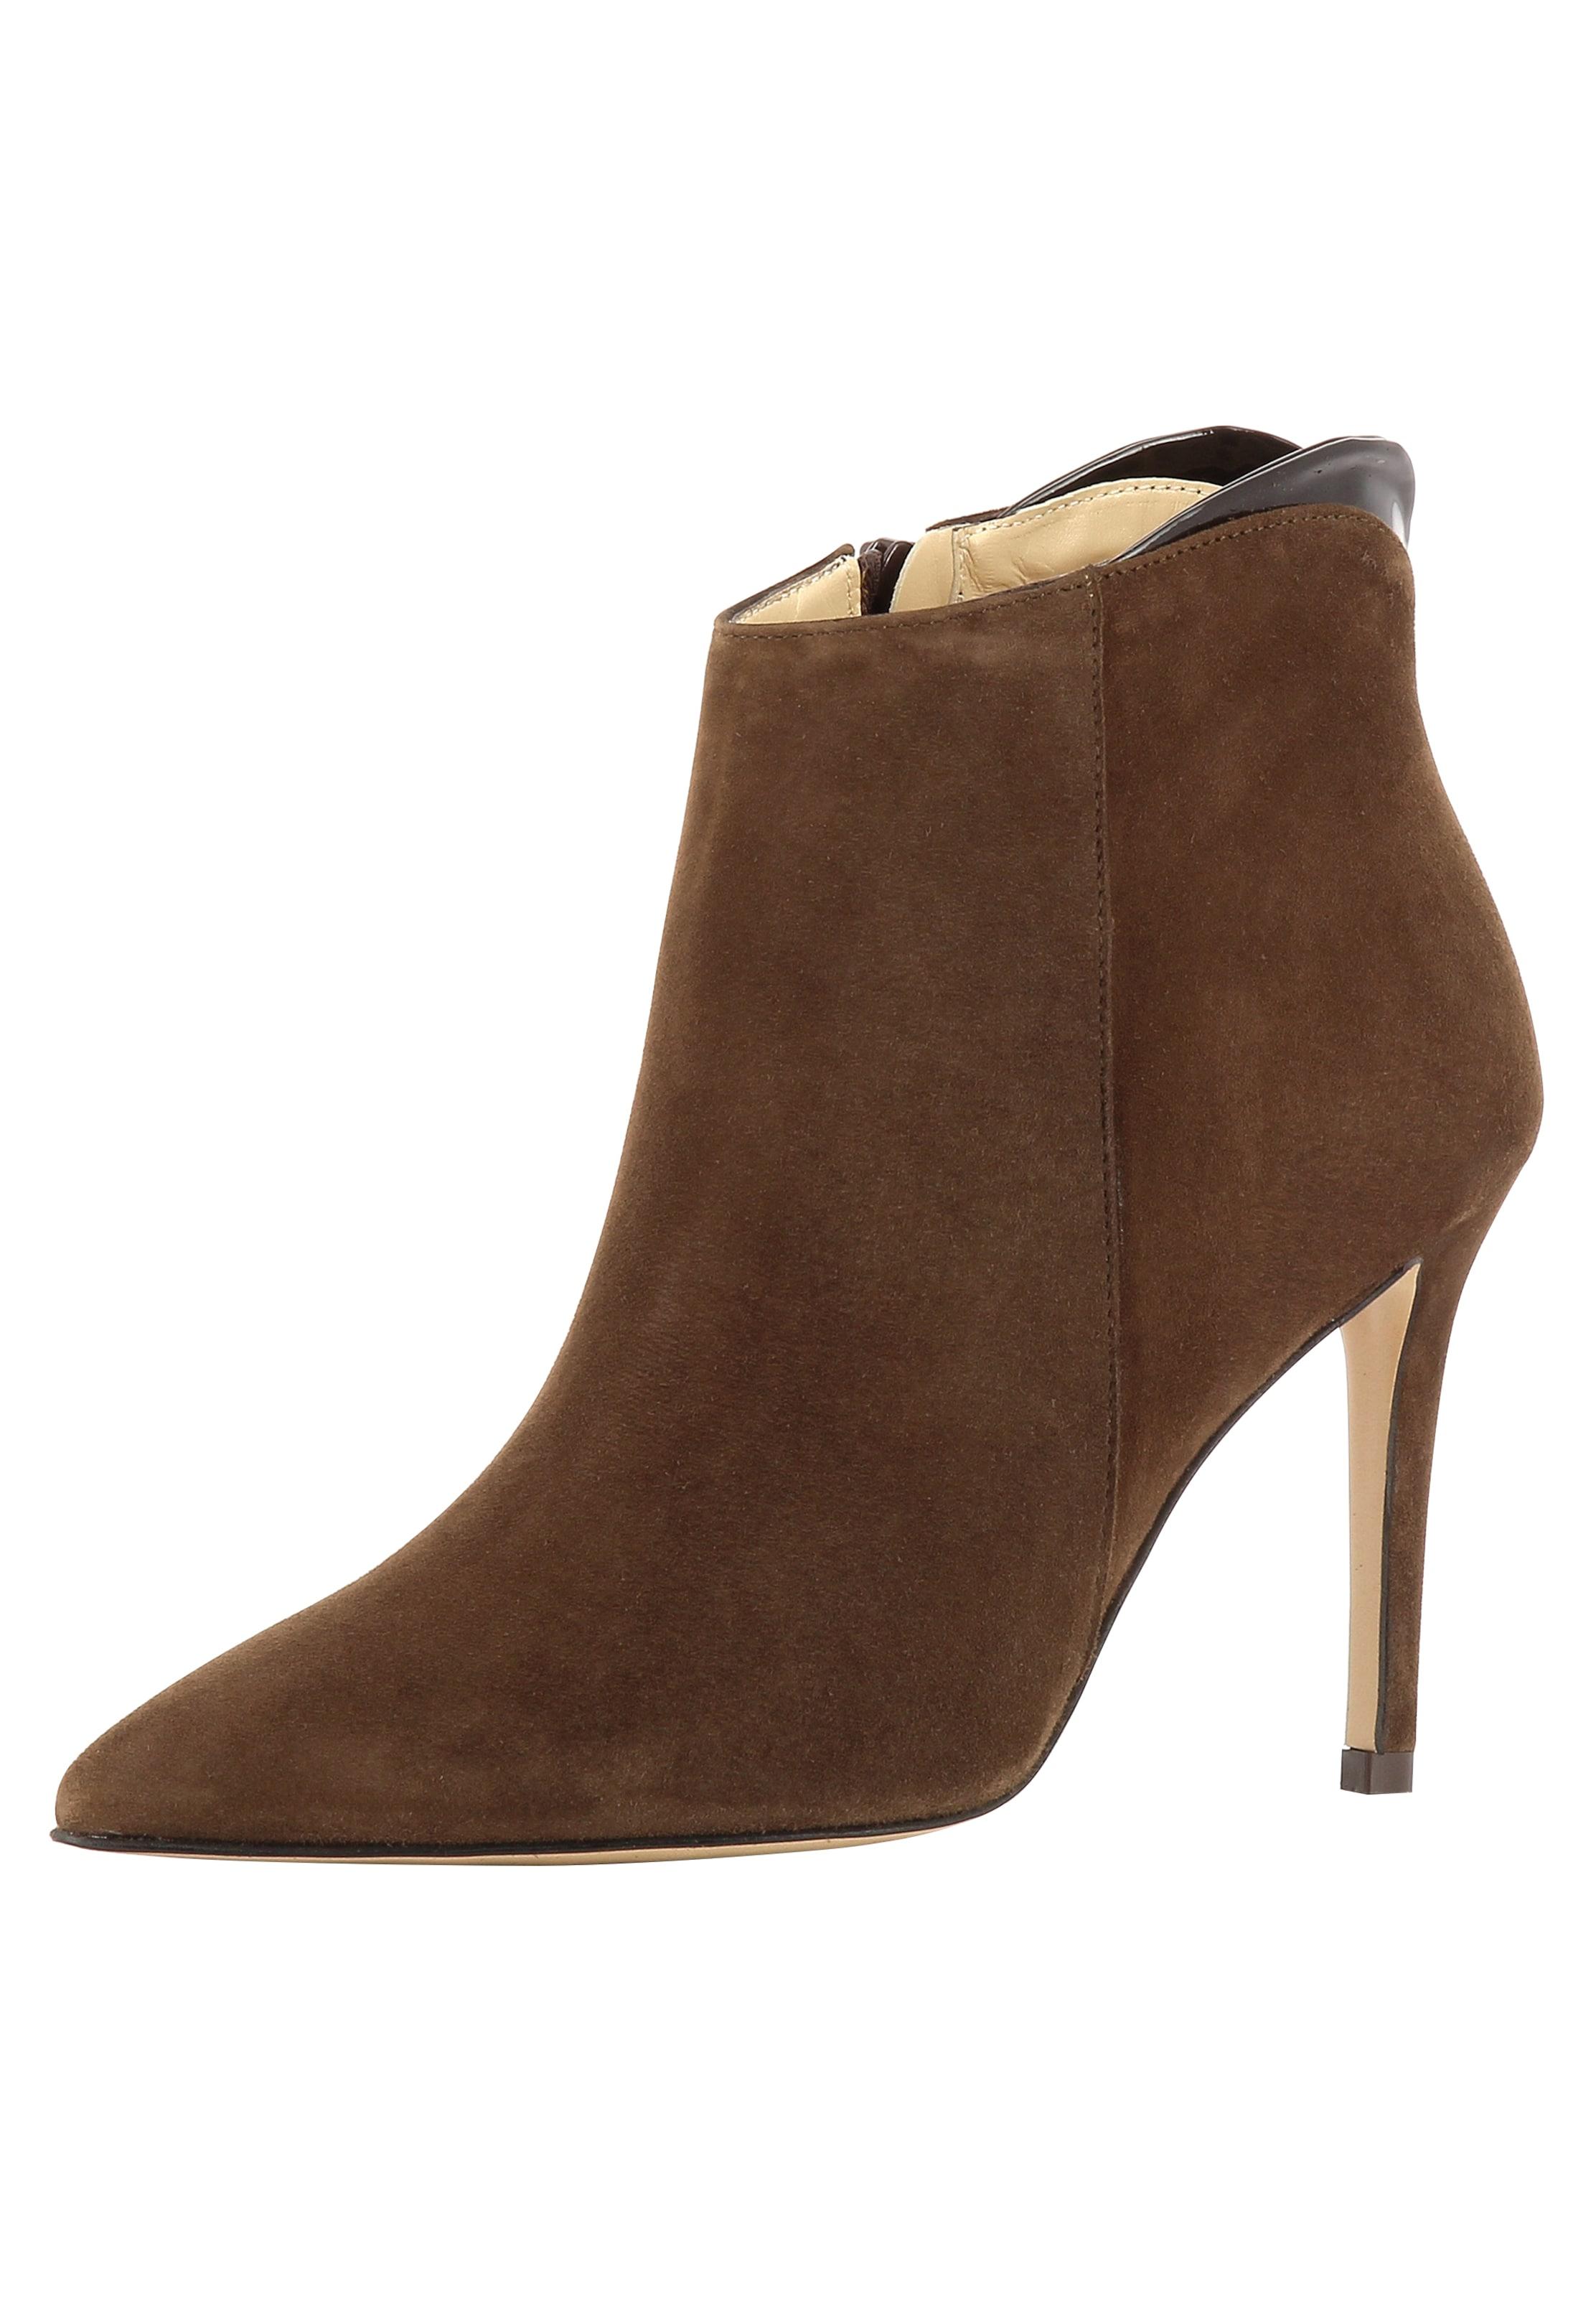 EVITA Stiefelette billige Verschleißfeste billige Stiefelette Schuhe Hohe Qualität 8e10ac